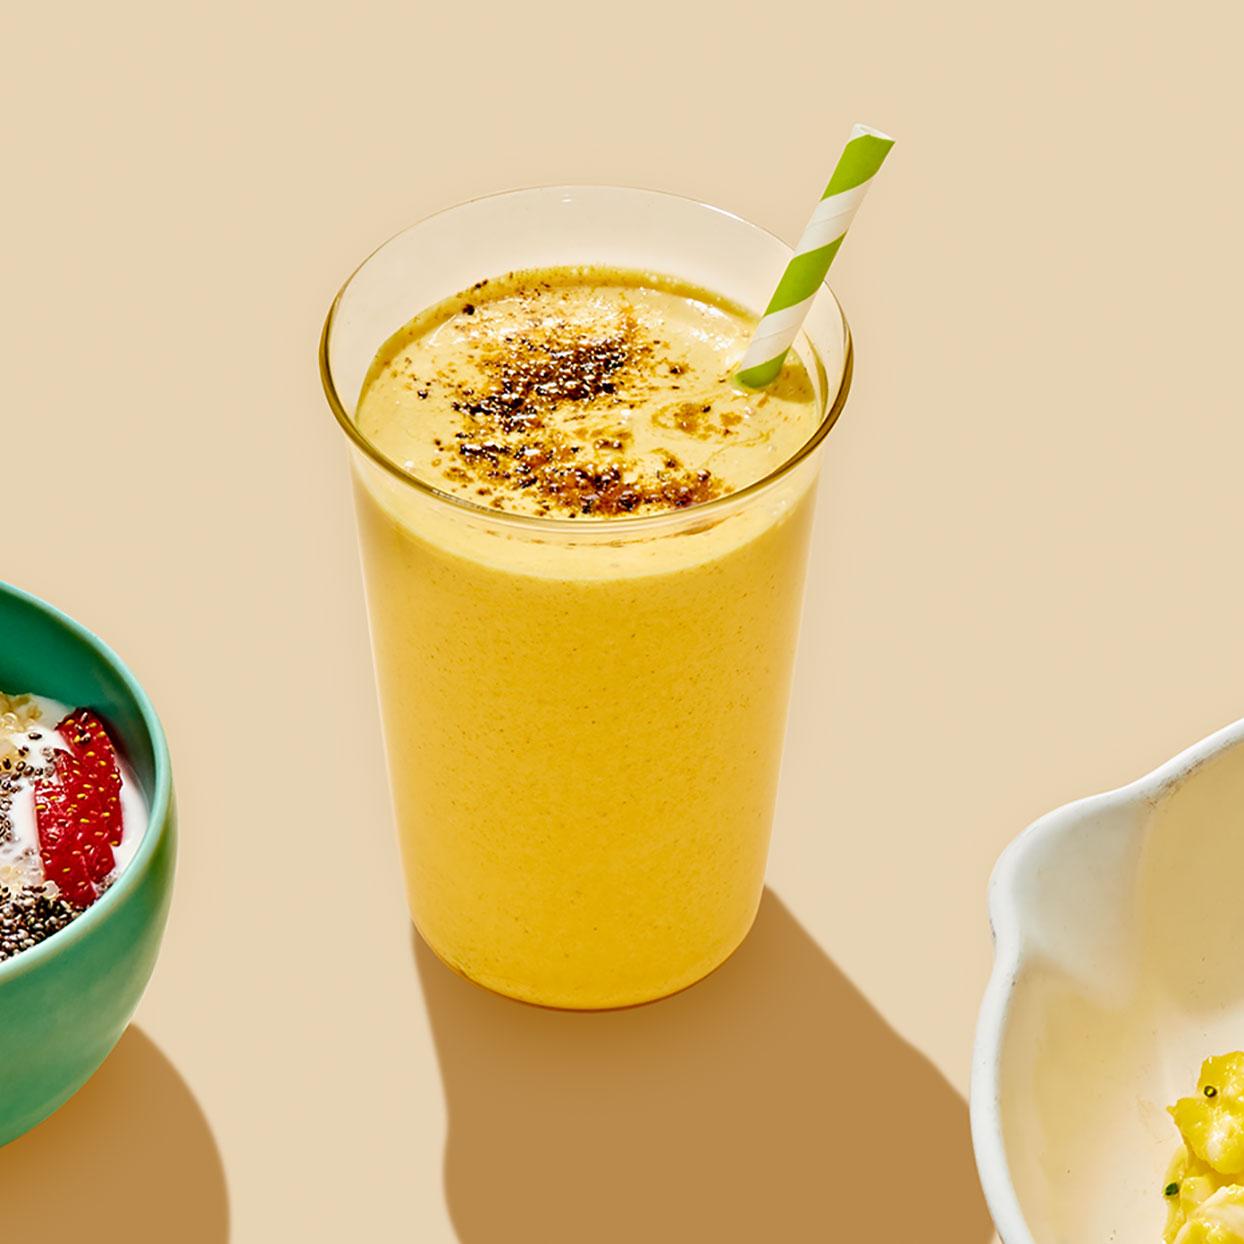 Golden Milk Frappe Trusted Brands